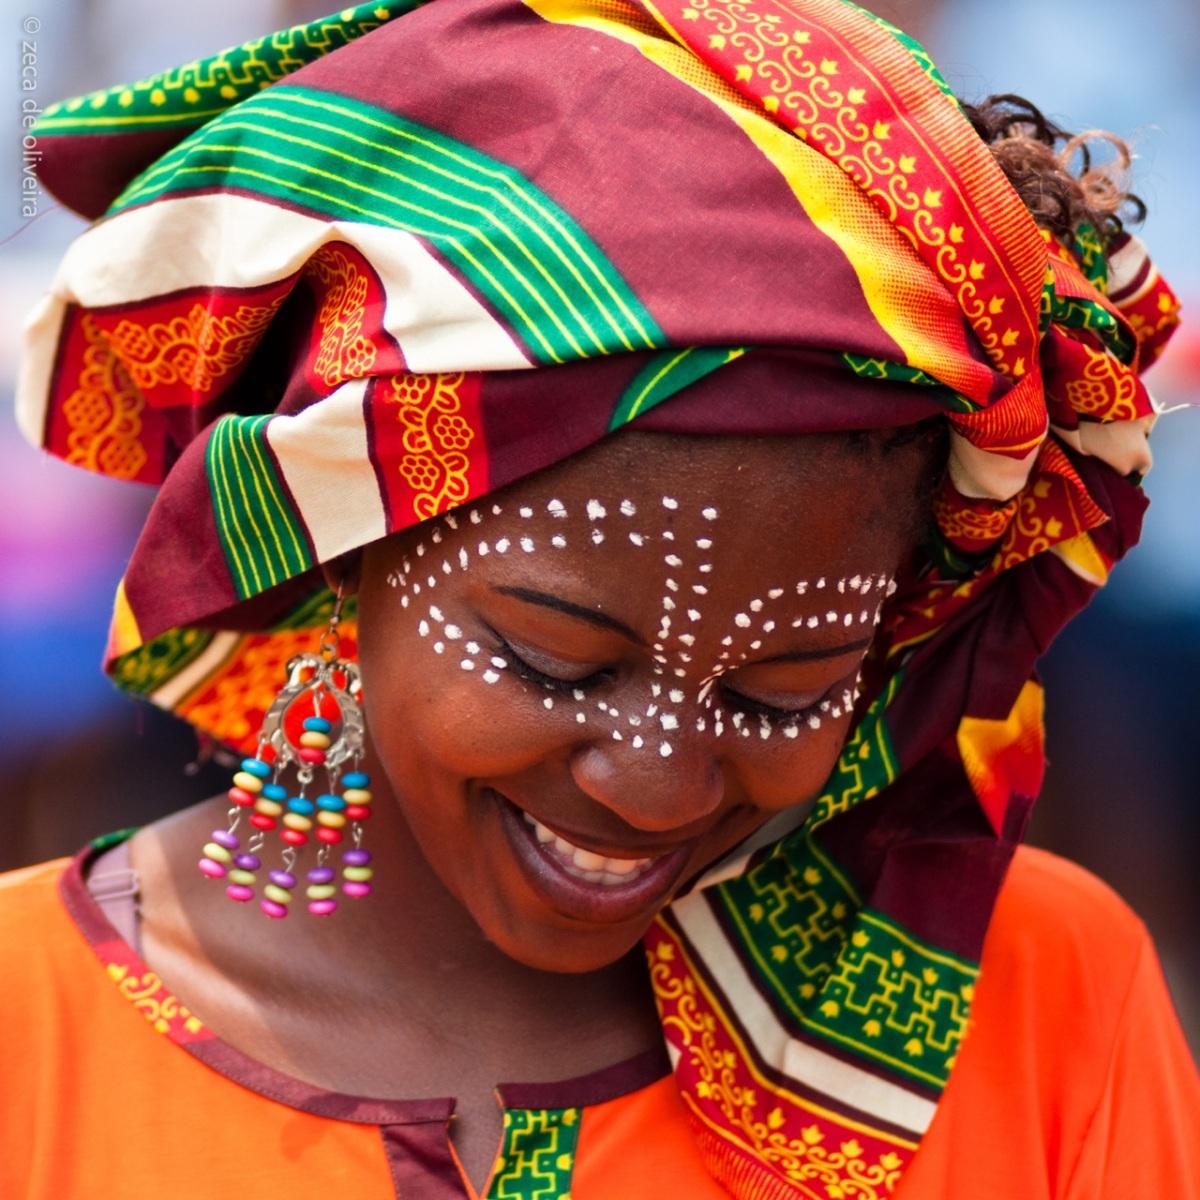 Tissu d'Afrique #11: la Capulana